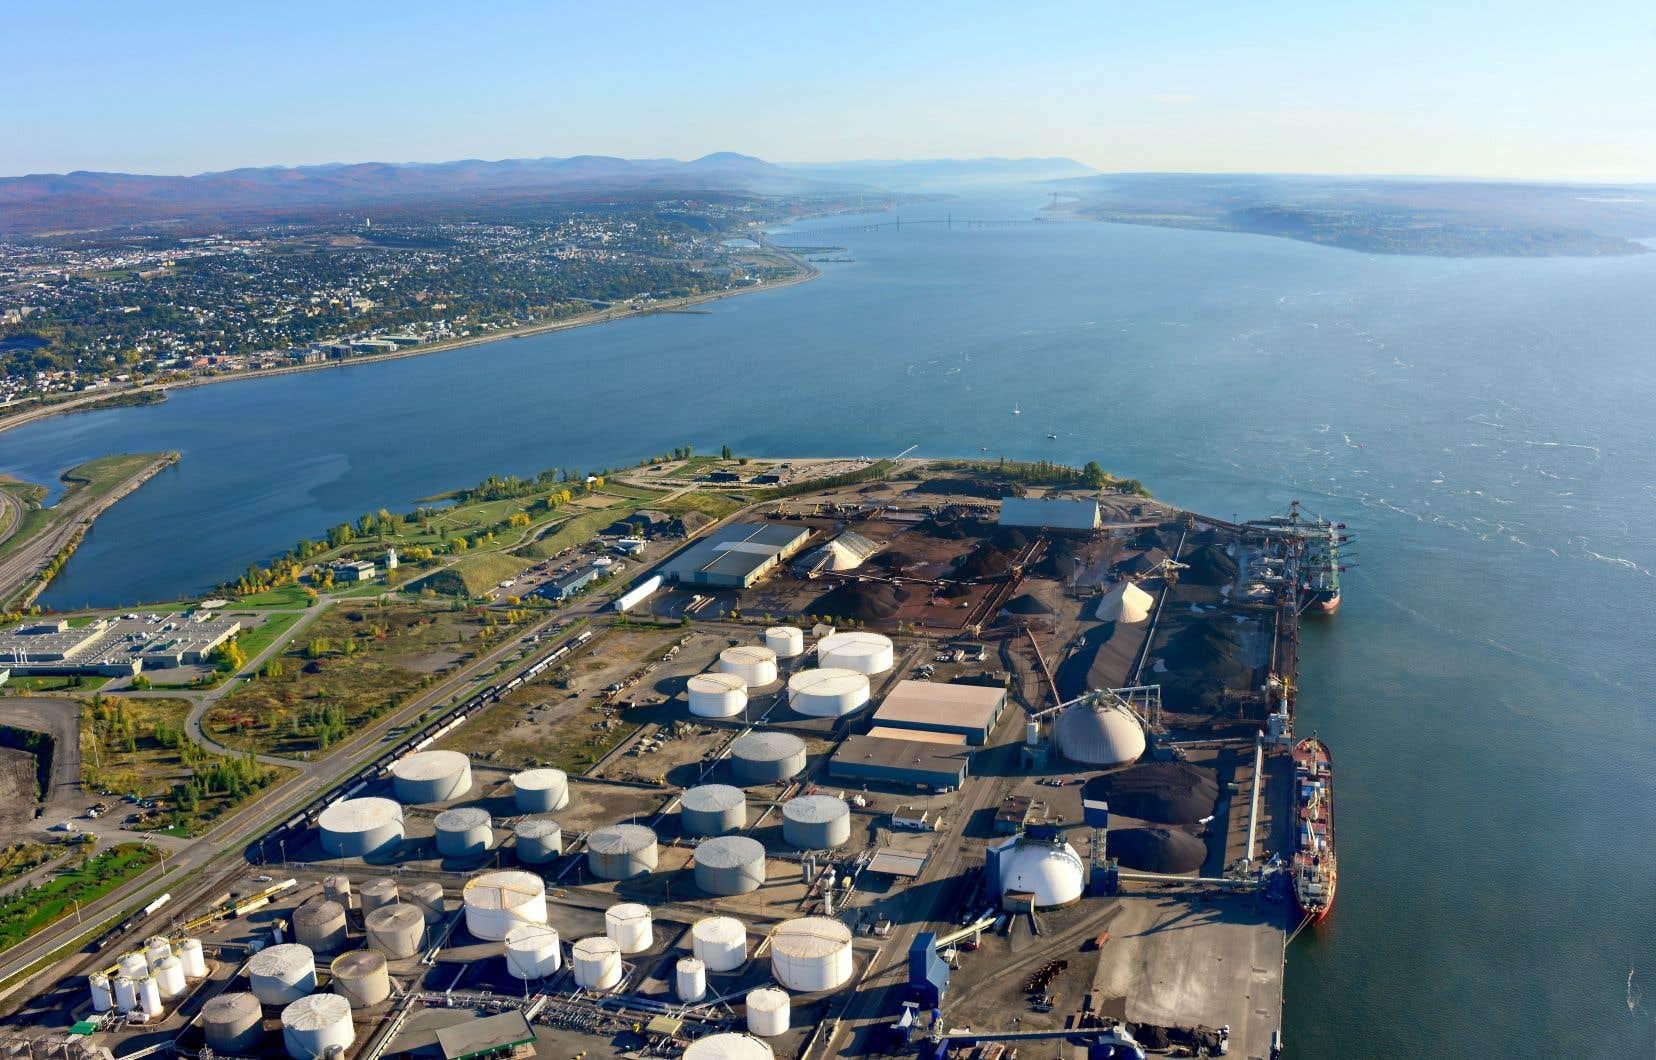 Le Port de Québec (sur la photo) et la Compagnie d'arrimage de Québec sont attaqués en justice pour les «troubles et inconvénients anormaux» subis par les citoyens des environs en raison des «quantités importantes» de poussière et de contaminants qu'ils génèrent depuis 2010.